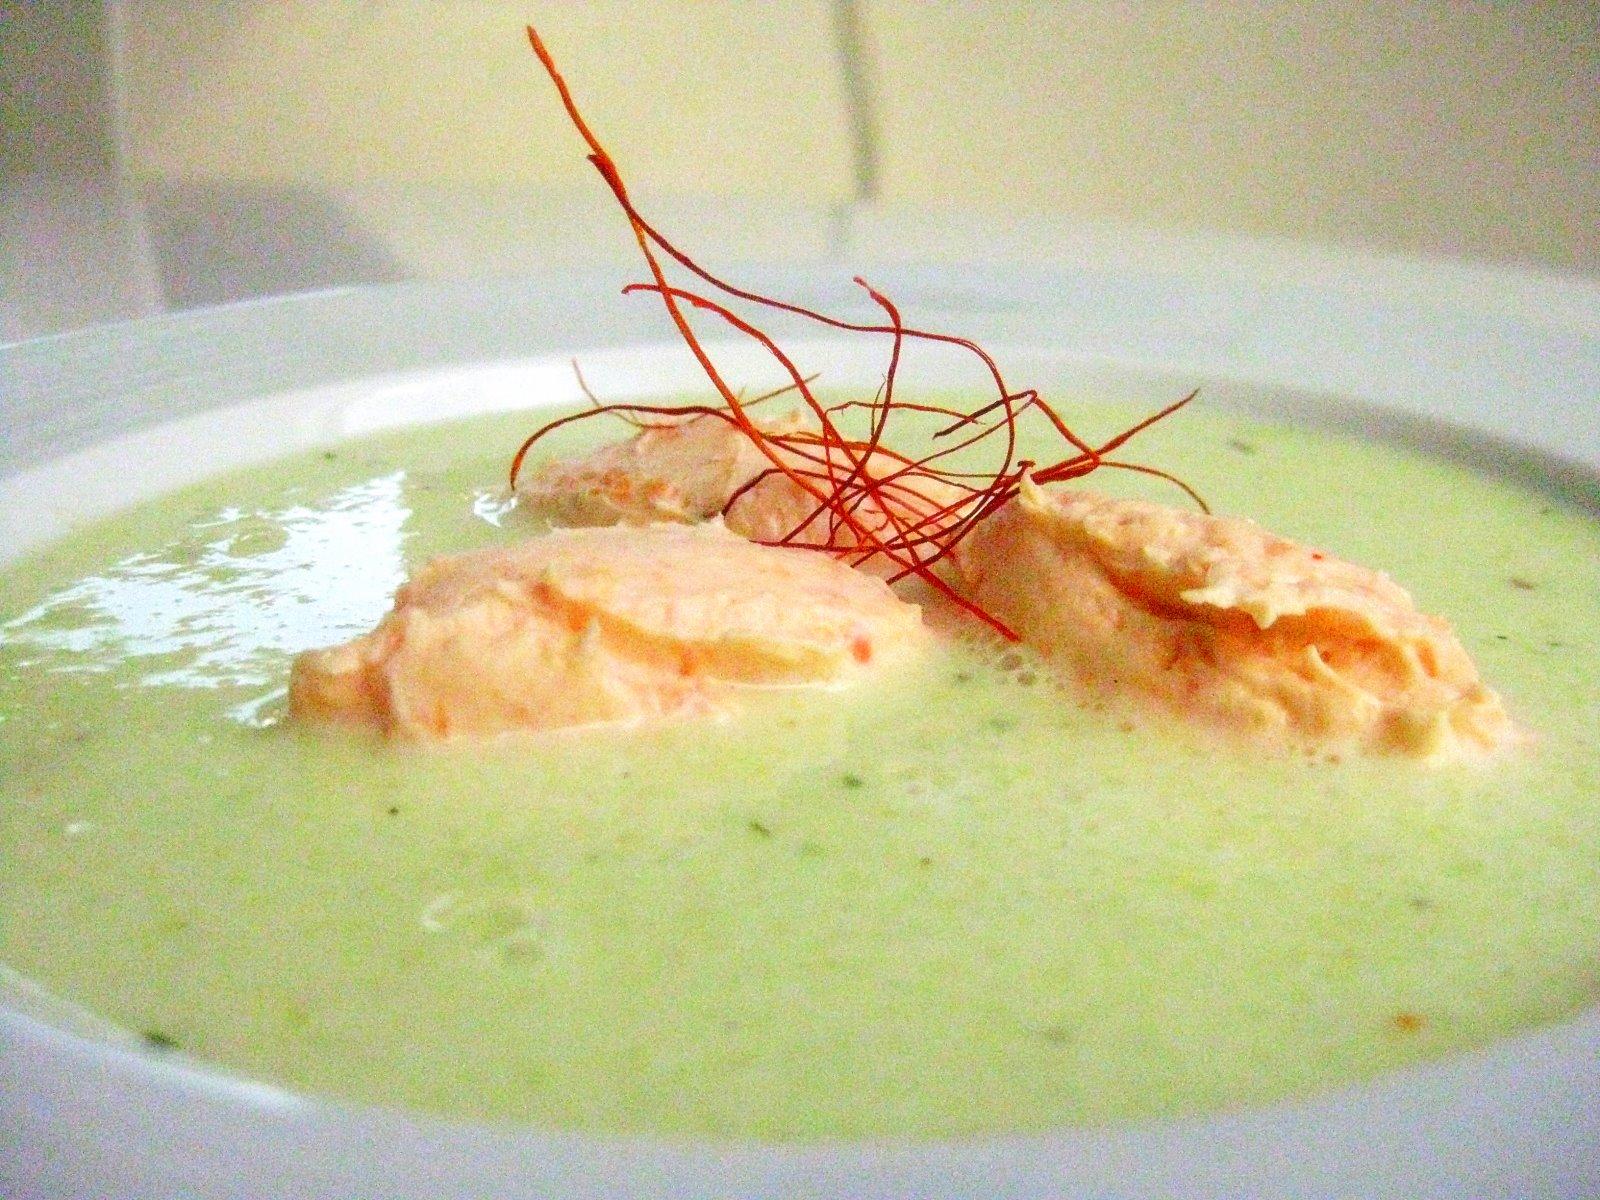 Kalte Gurkensuppe mit Zitronengras und Ingwer | Arthurs Tochter kocht. Der Blog für food, wine, travel & love von Astrid Paul